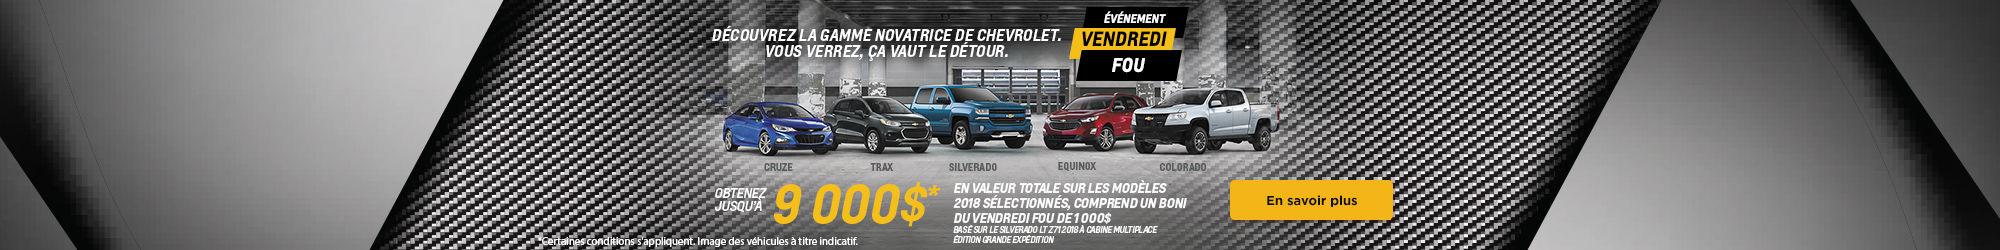 Événement Vendredi Fou Chevrolet!